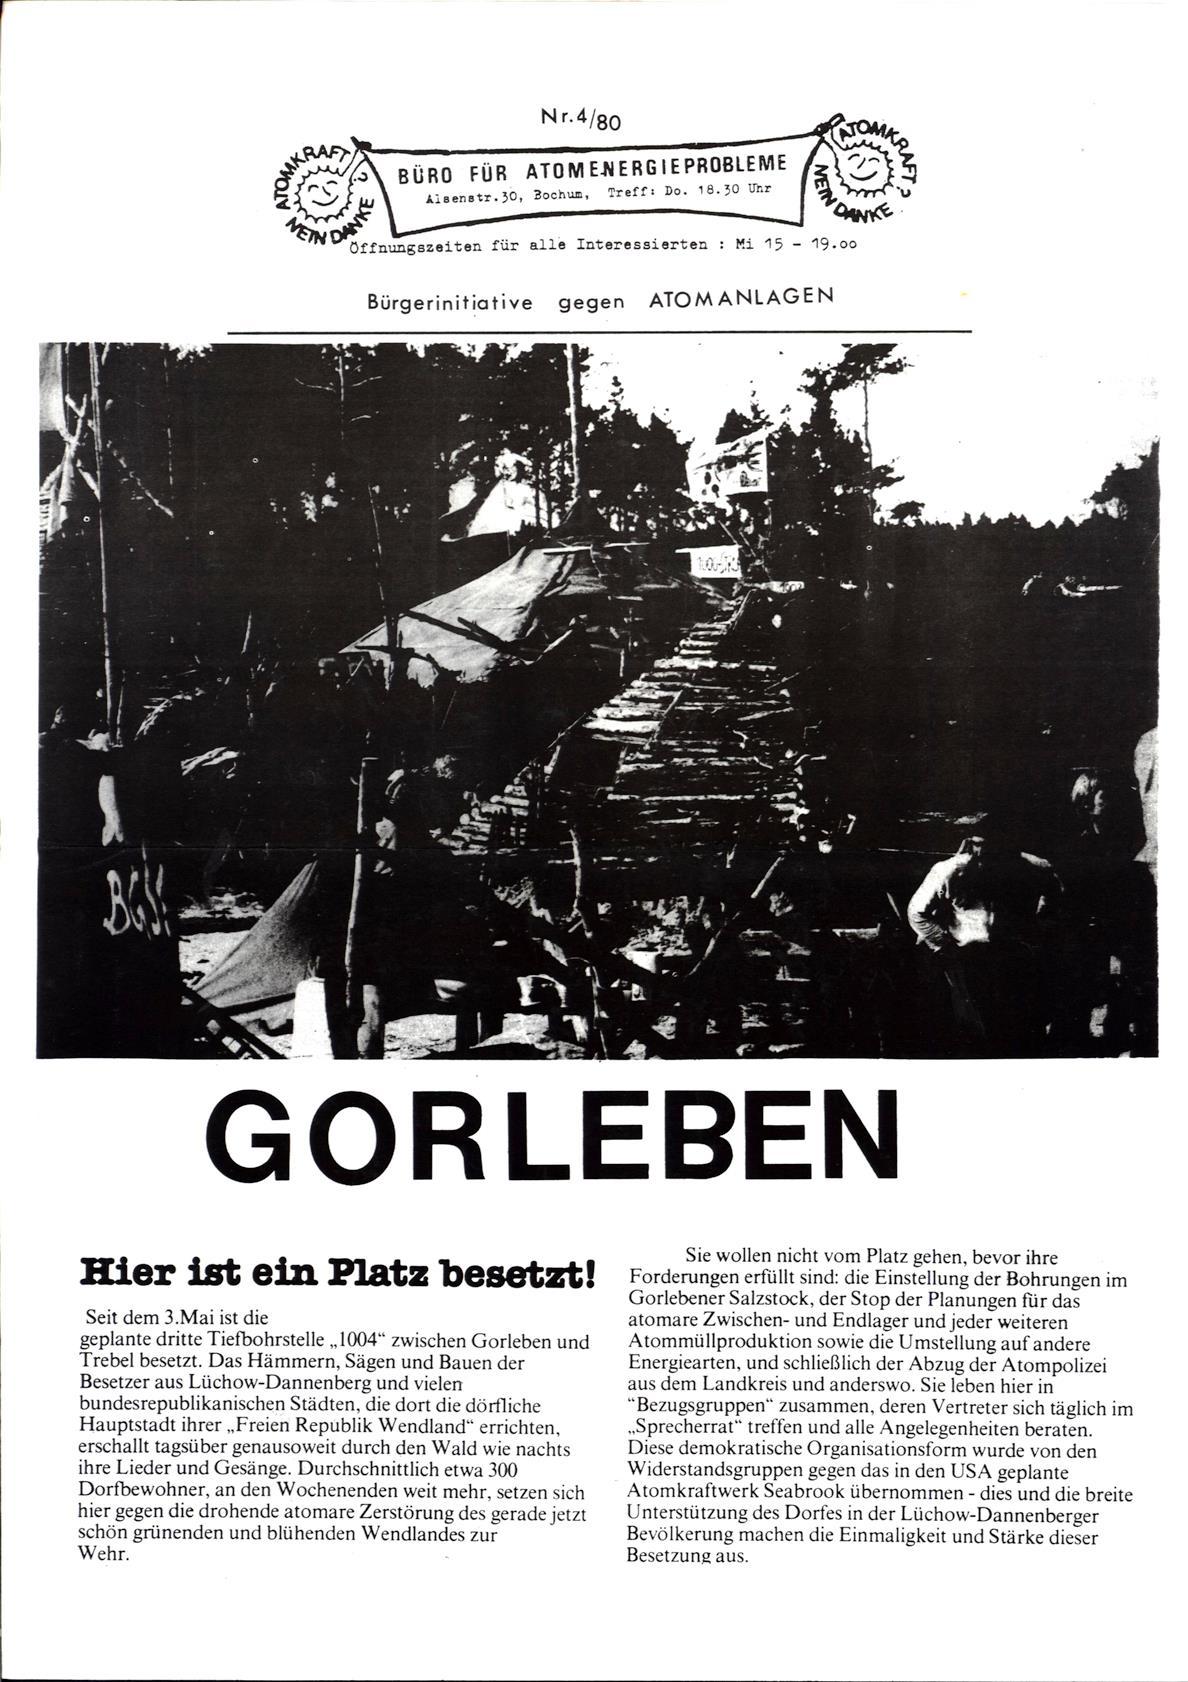 Bochum_Stattblatt_19800600_38_13